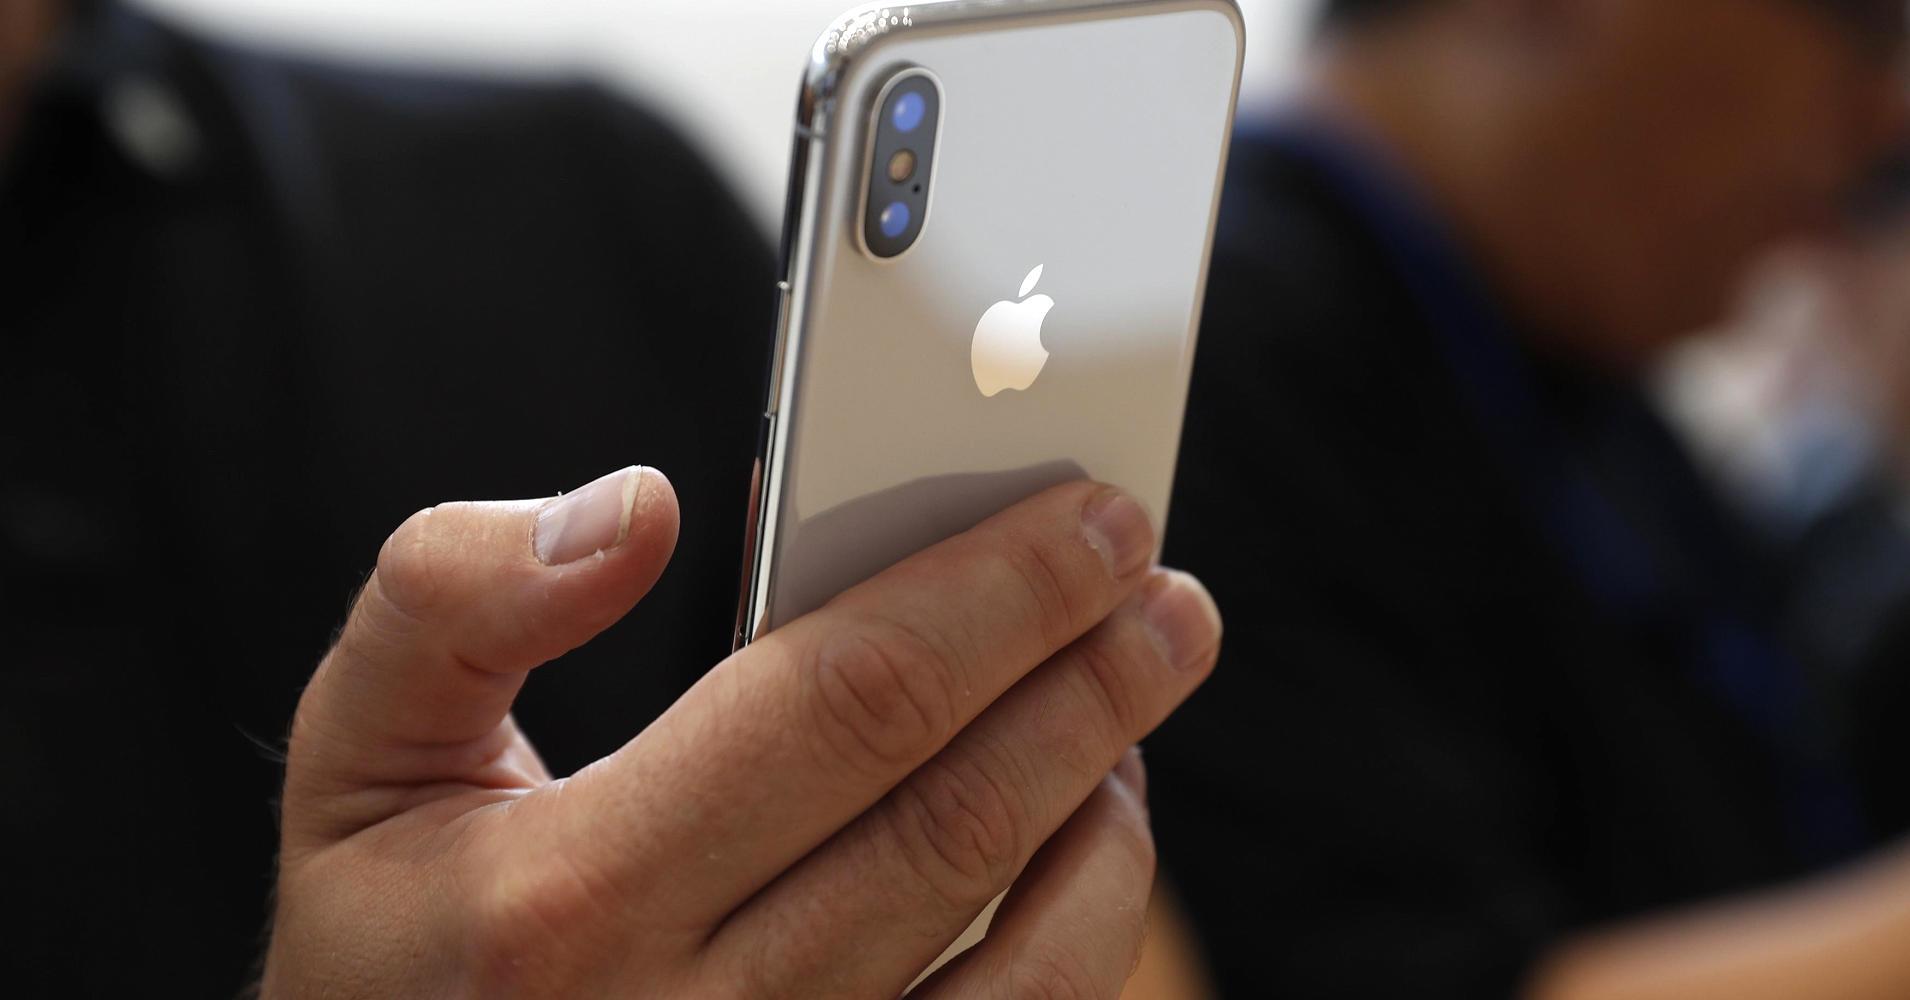 Хакеры использовали решения MDM для целевых атак на пользователей iPhone в Индии